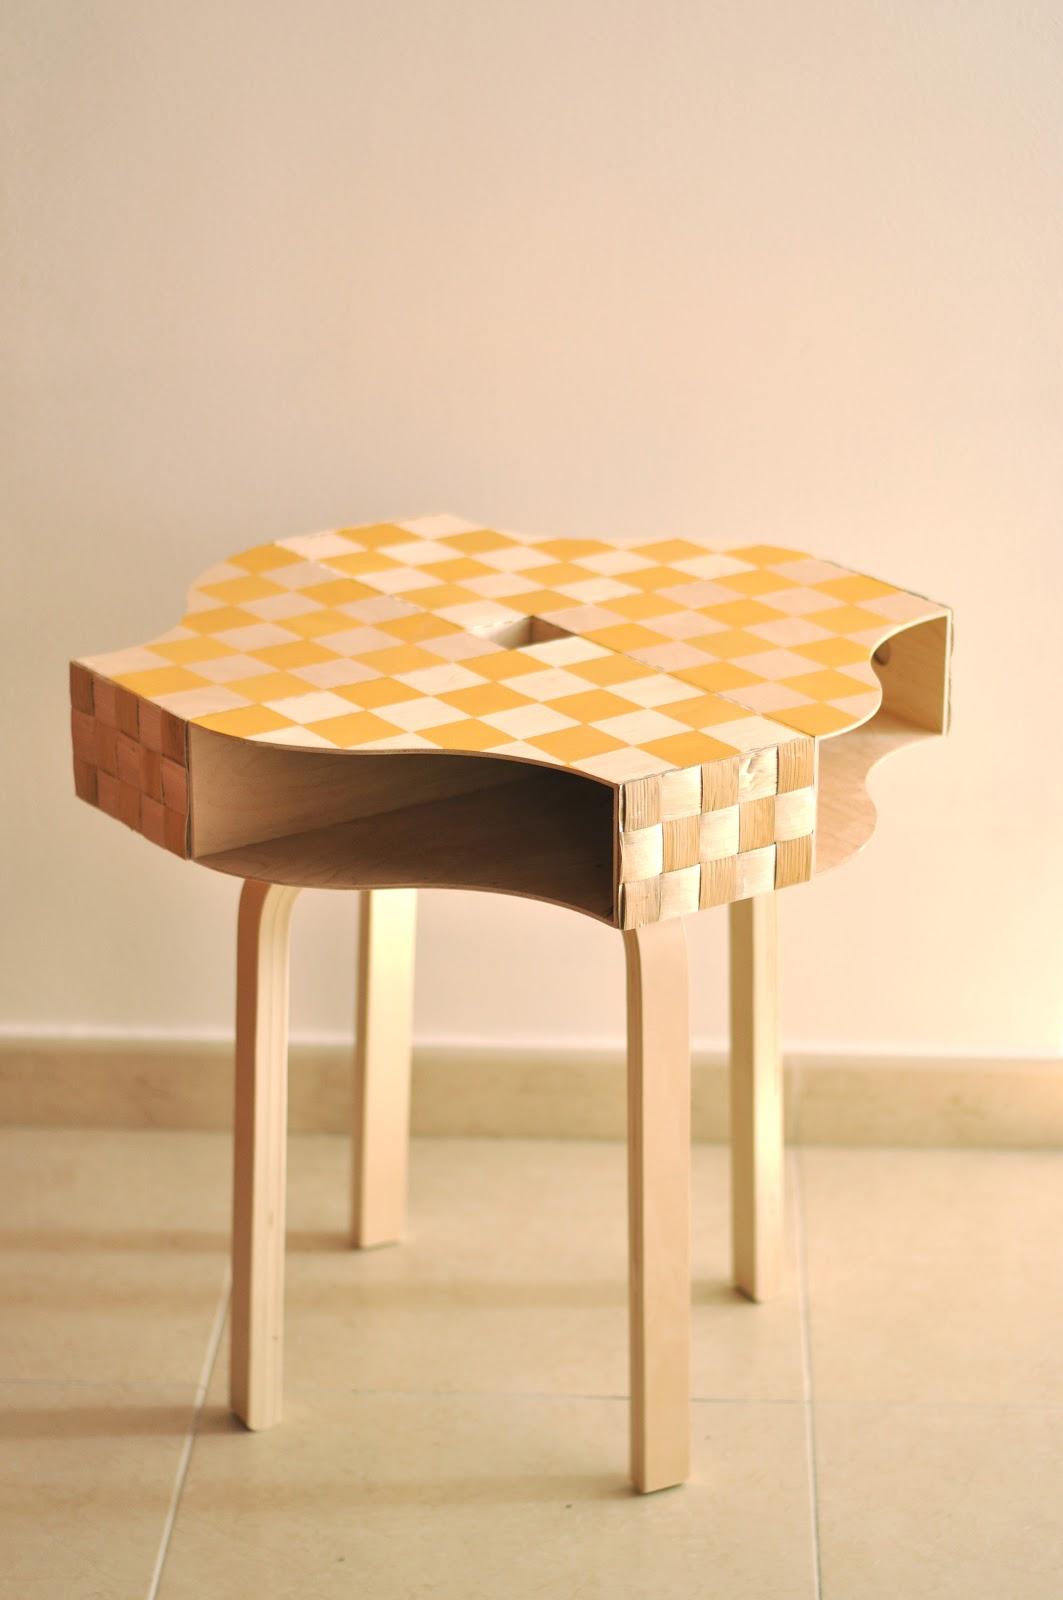 emerja diy ikea hack table. Black Bedroom Furniture Sets. Home Design Ideas